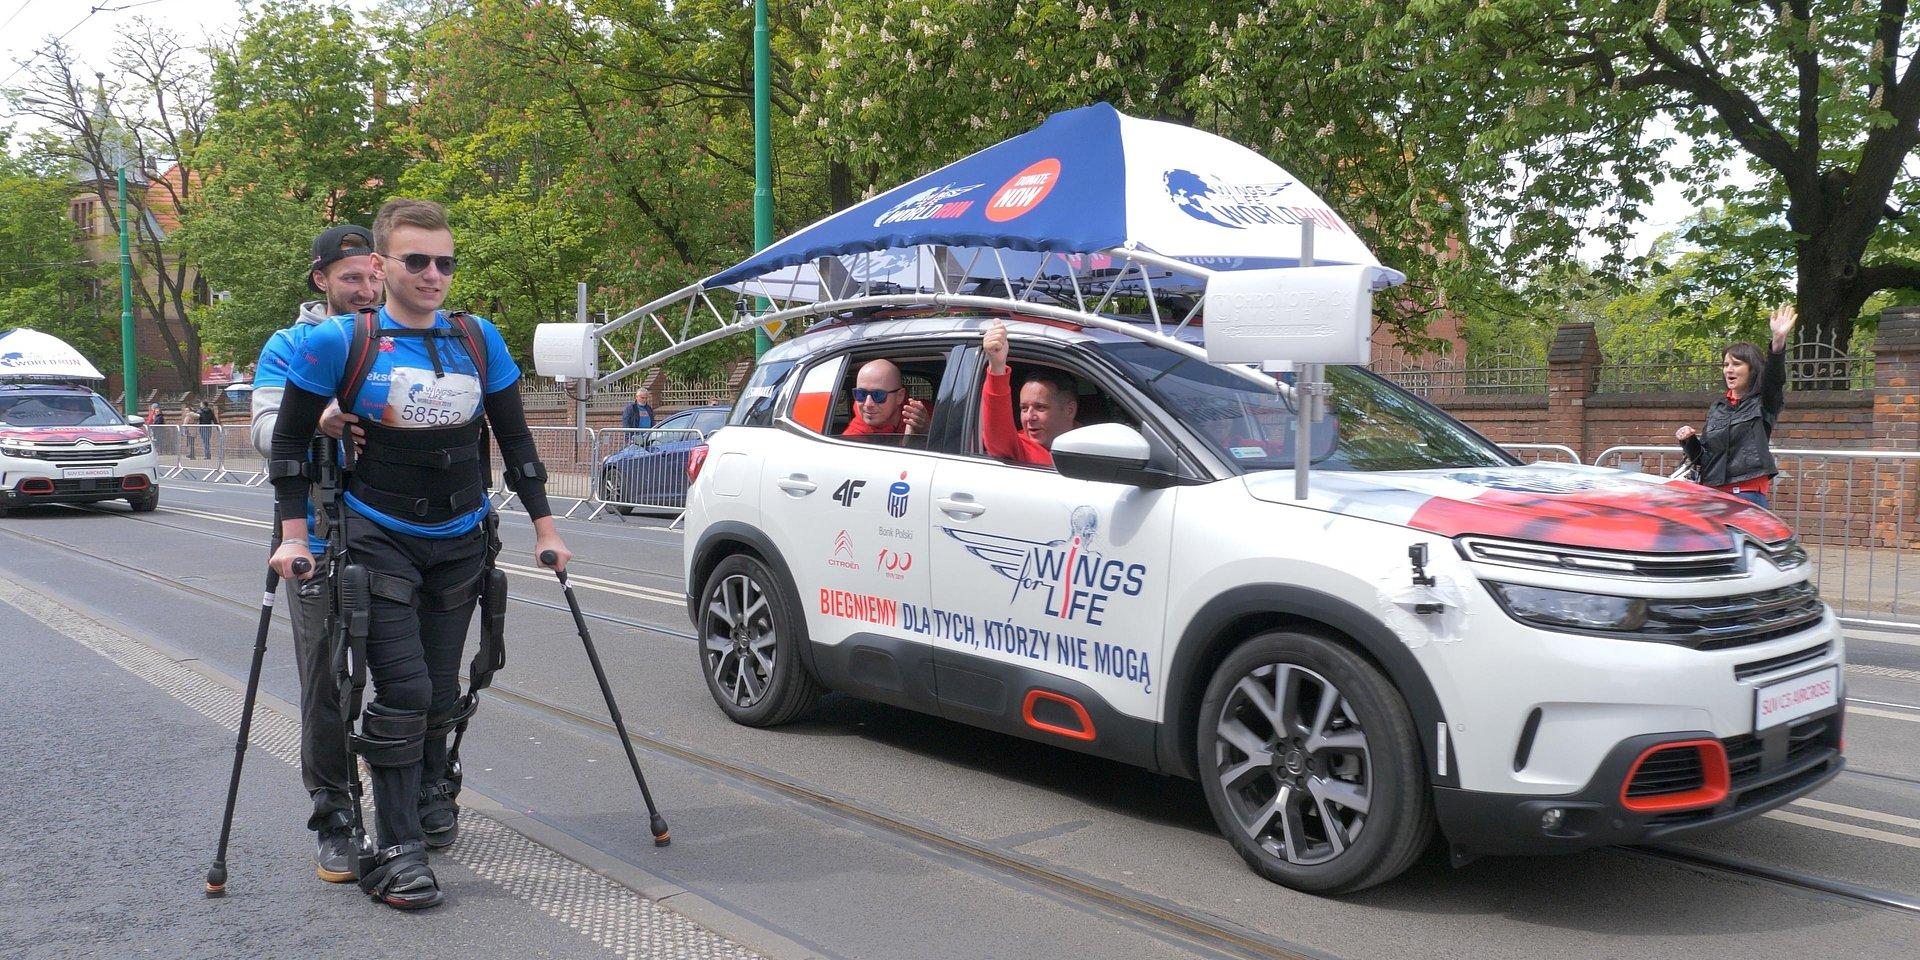 Wings for Life: W Horyńcu-Zdroju niepełnosprawni pobiegną w egzoszkieletach dla tych, którzy nie mogą